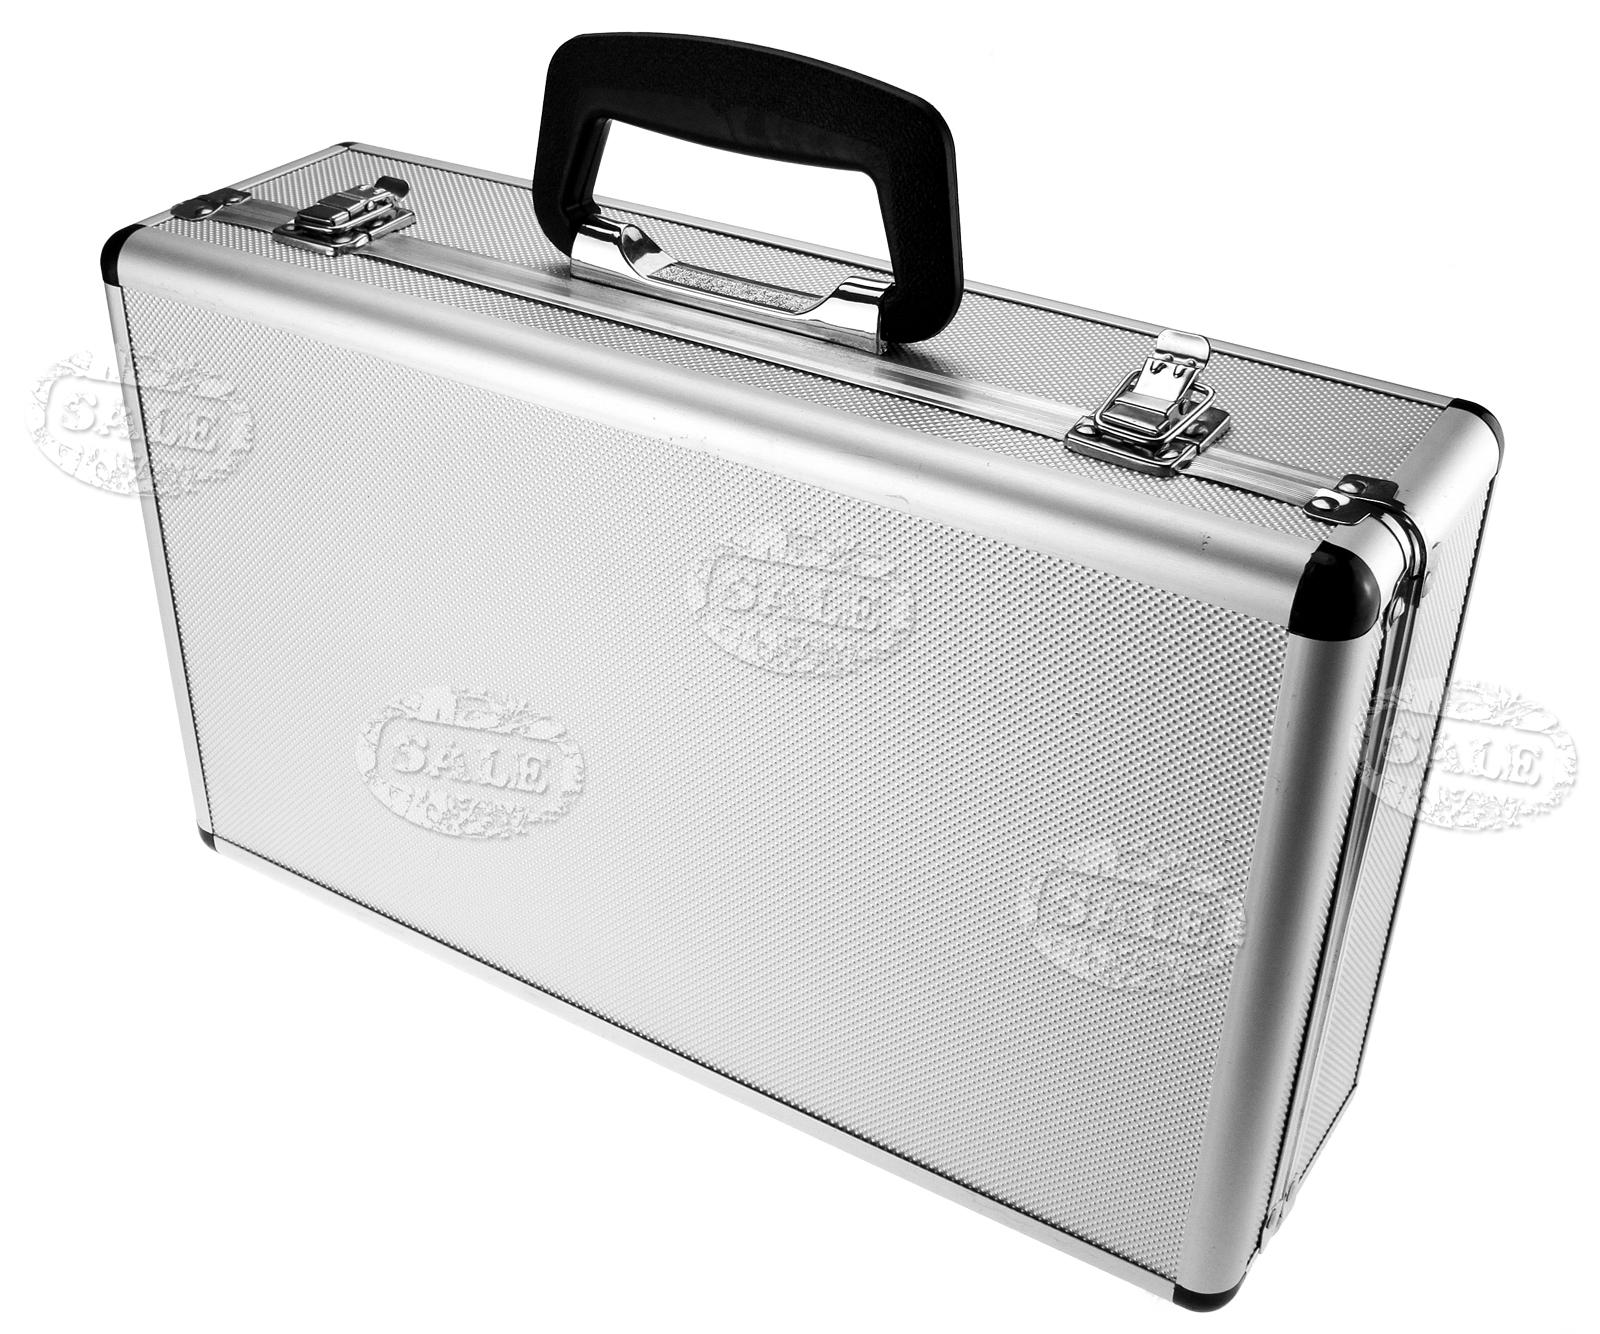 koffer mit schaumstoff universalkoffer werkzeugkoffer allzweckkoffer aluminium ebay. Black Bedroom Furniture Sets. Home Design Ideas